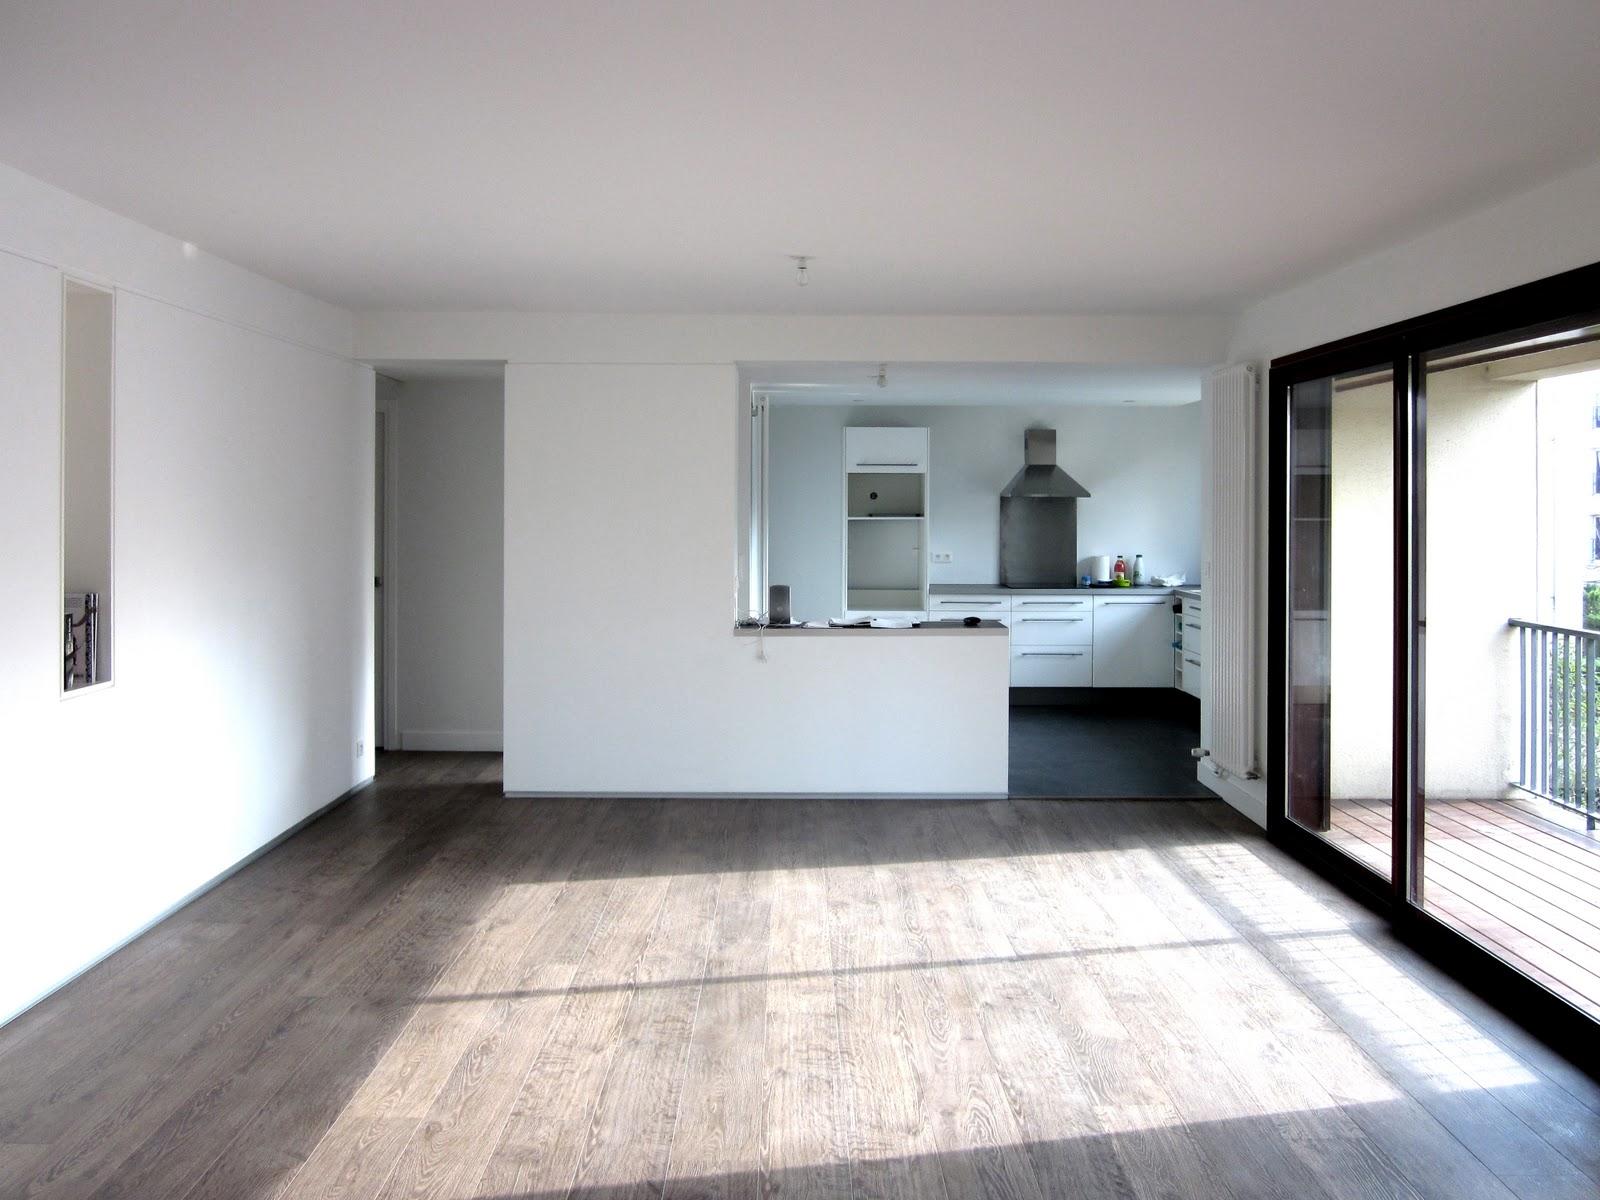 Peinture Blanche Salon dedans rénovation d'un appartement à bordeaux